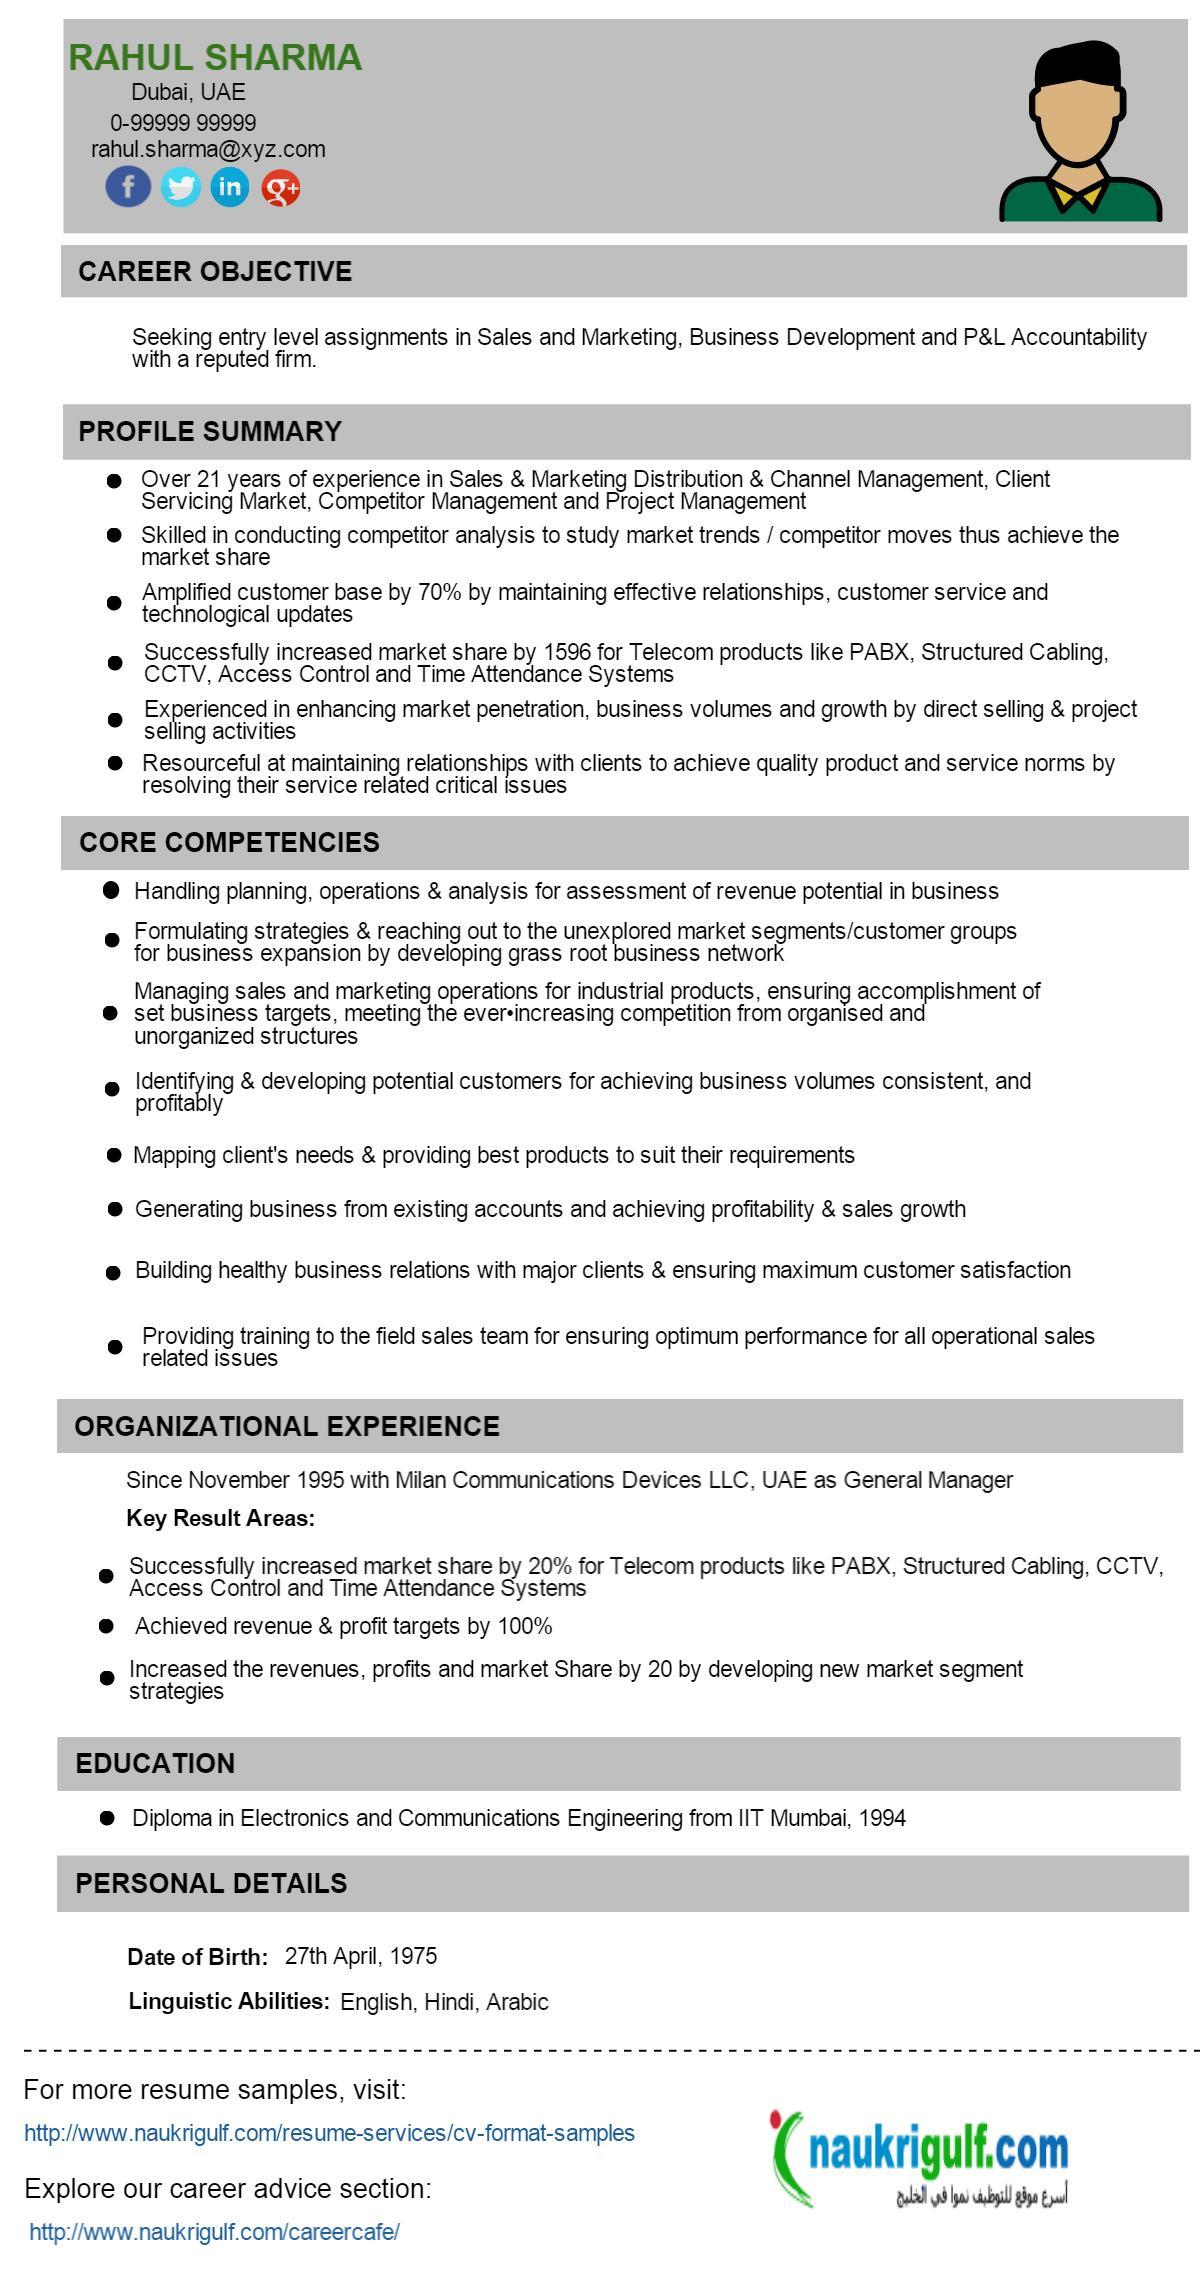 Hbs Resume Format. words harvard samples harvard business school ...